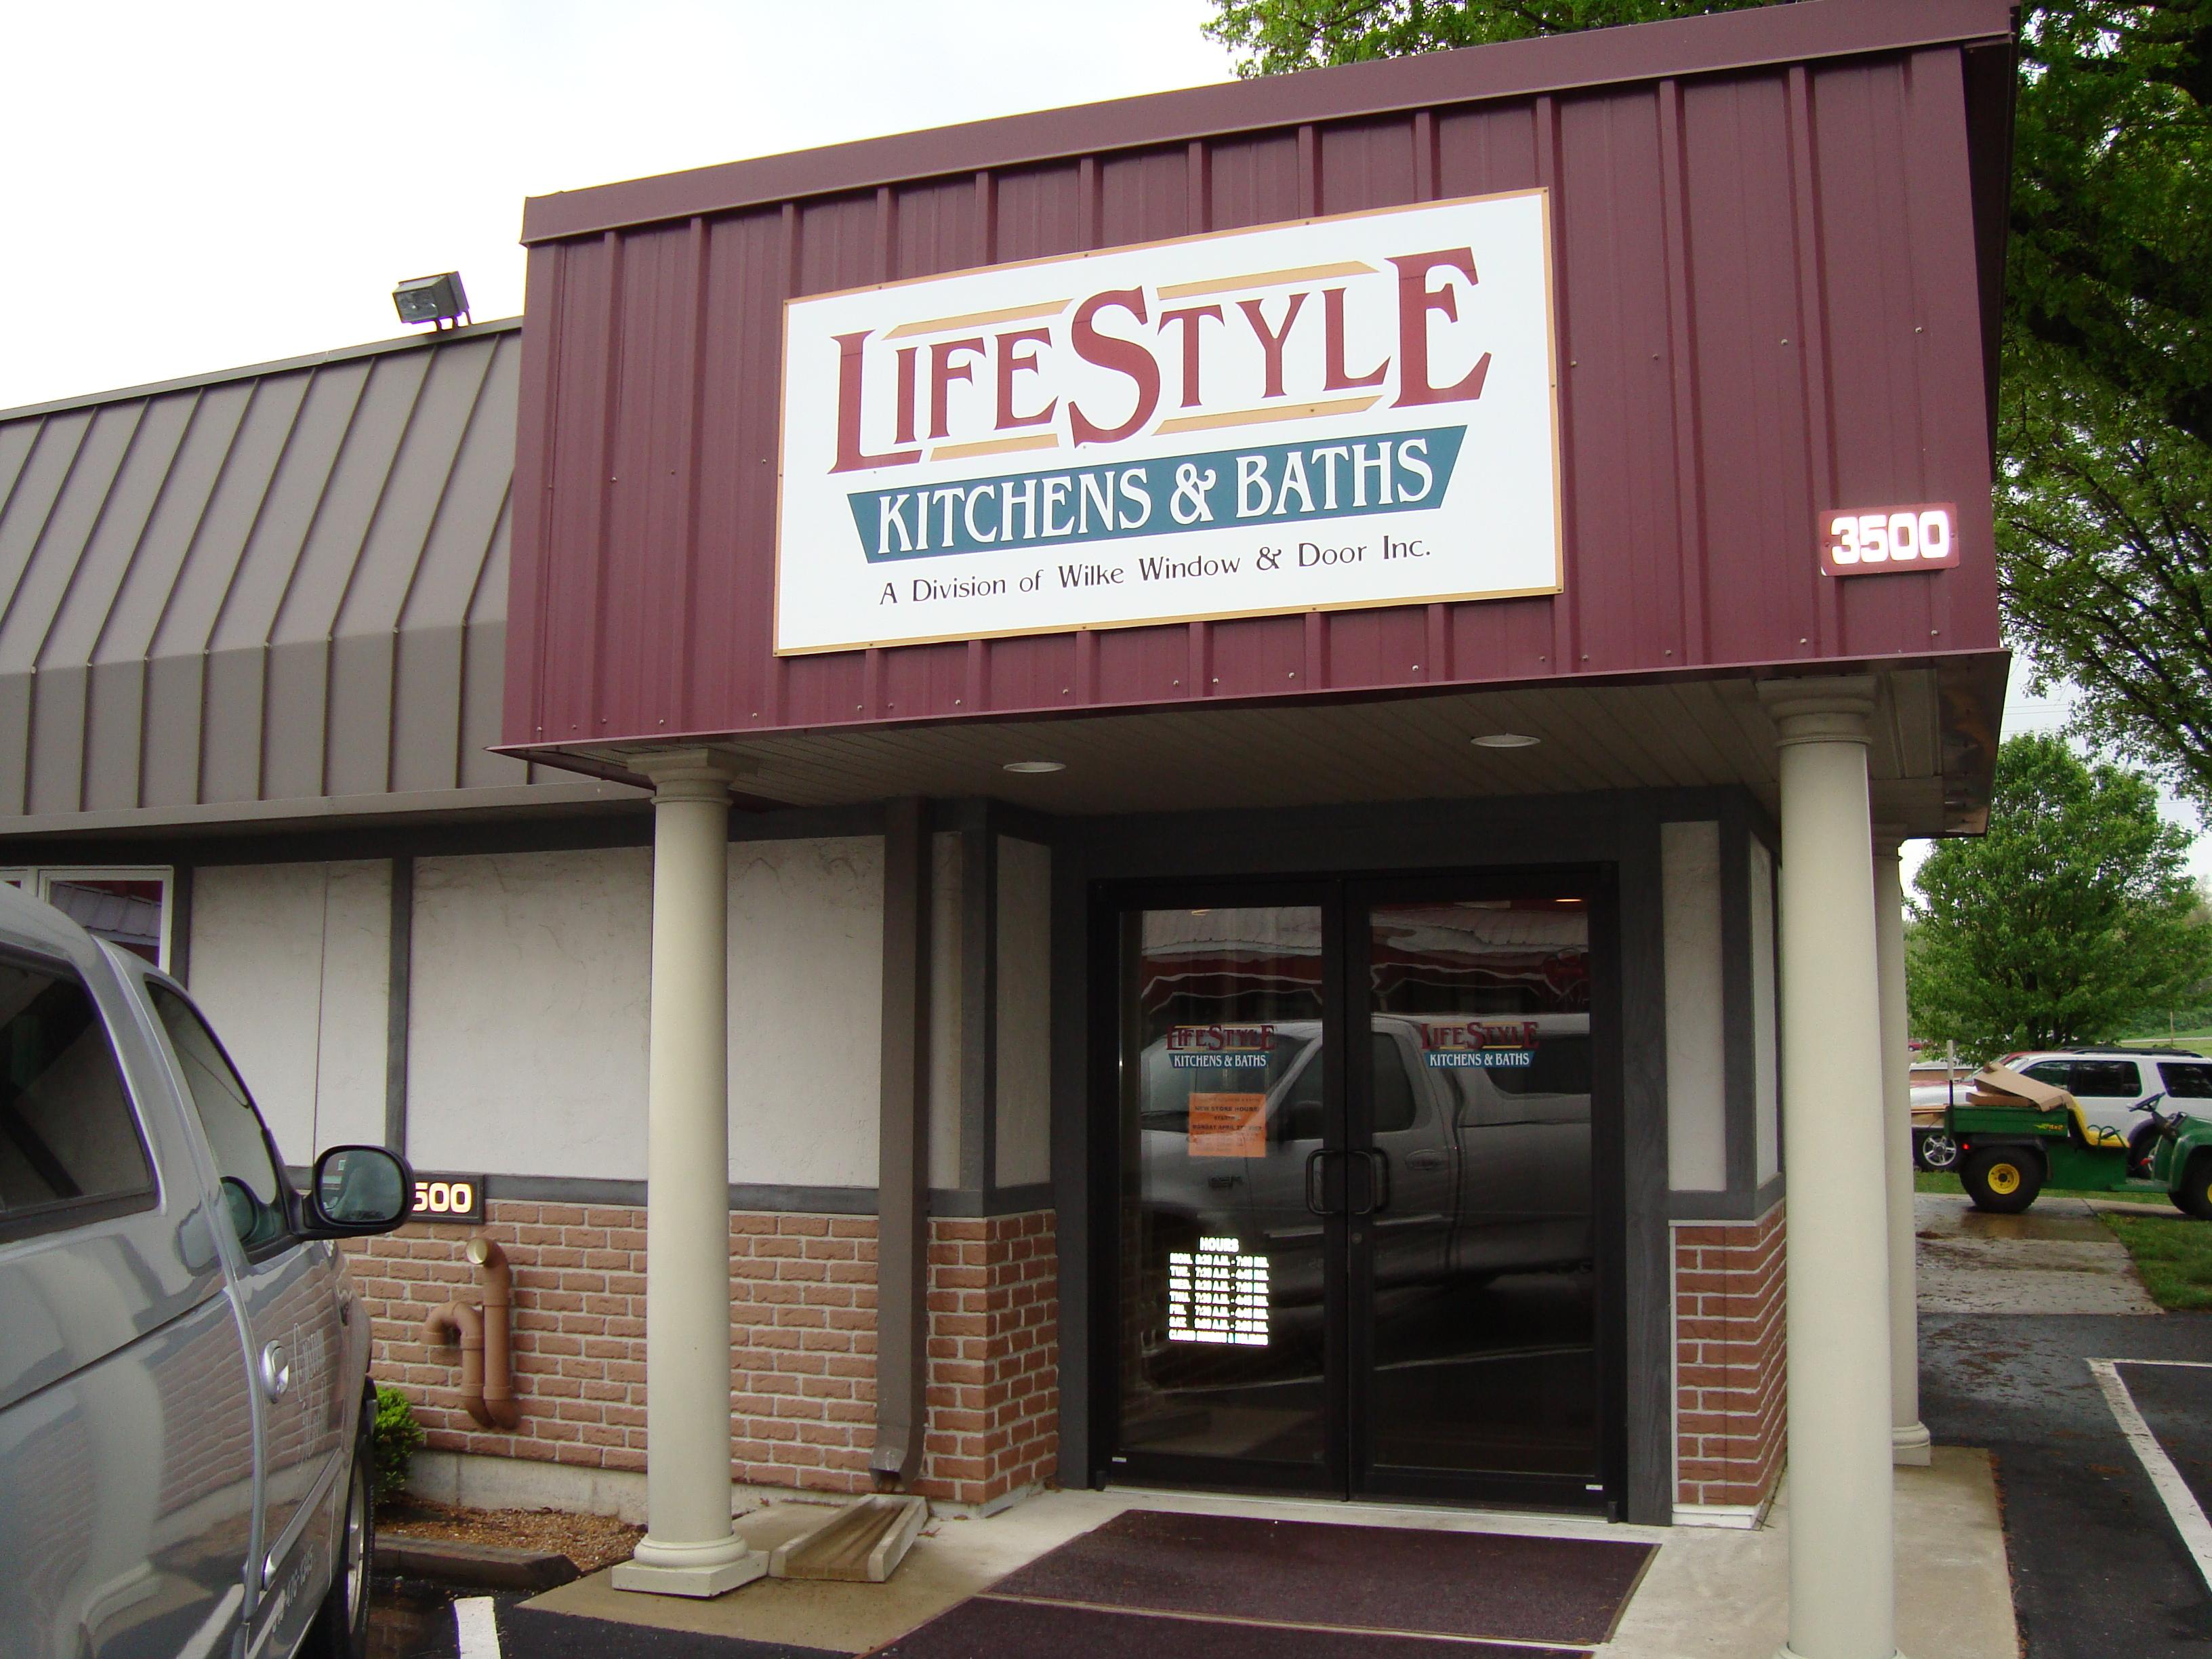 Lifestyle Kitchens U0026 Baths 3500 Lebanon Ave, Belleville, IL 62221   YP.com